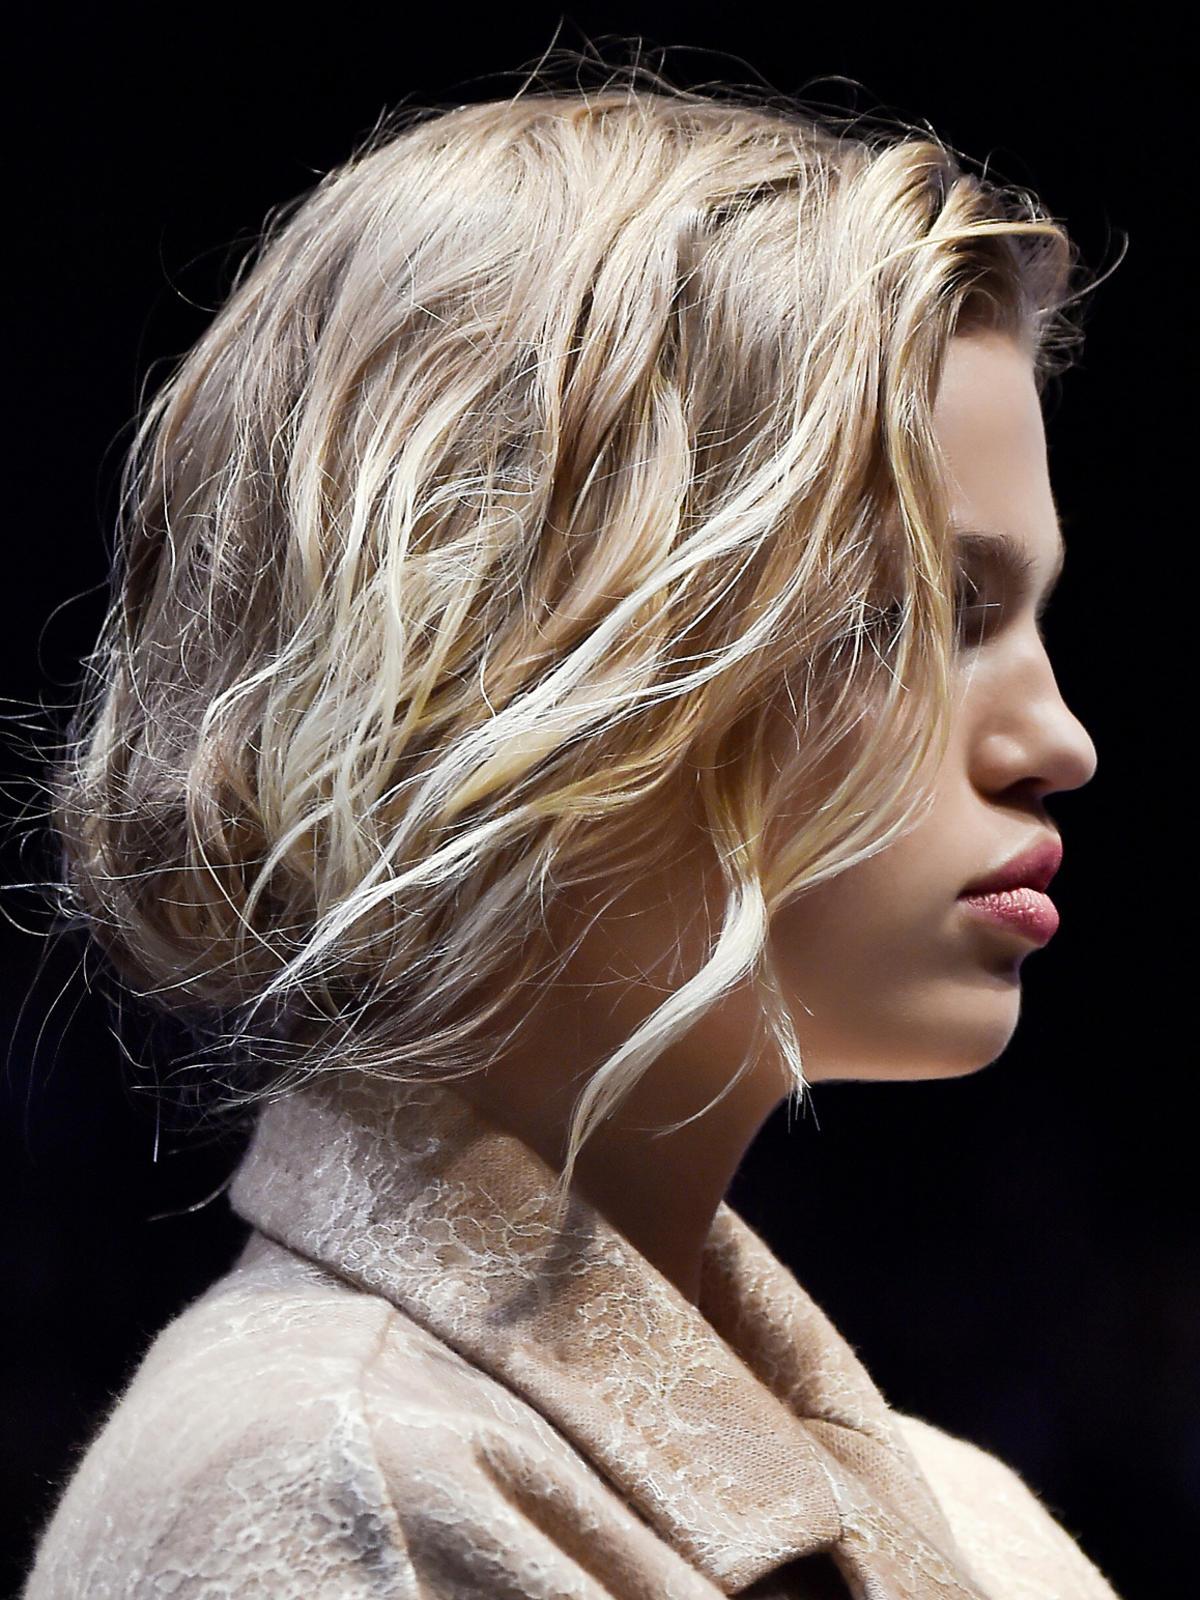 Pofalowane włosy Max Mara - trendy we fryzurach na jesień 2015